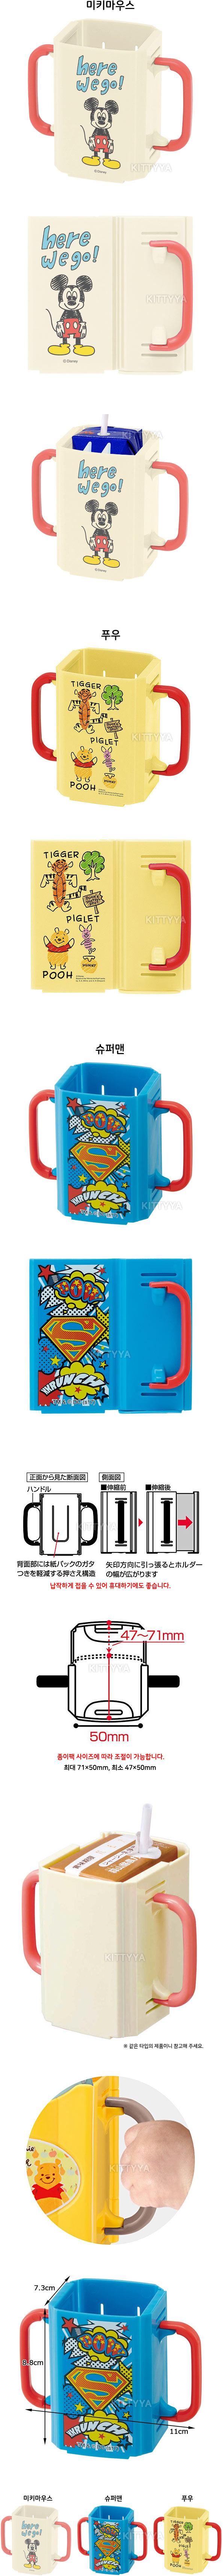 미키/푸우/슈퍼맨 종이팩 두유 홀더 - 키티야, 12,100원, 컵받침/뚜껑/홀더, 컵홀더